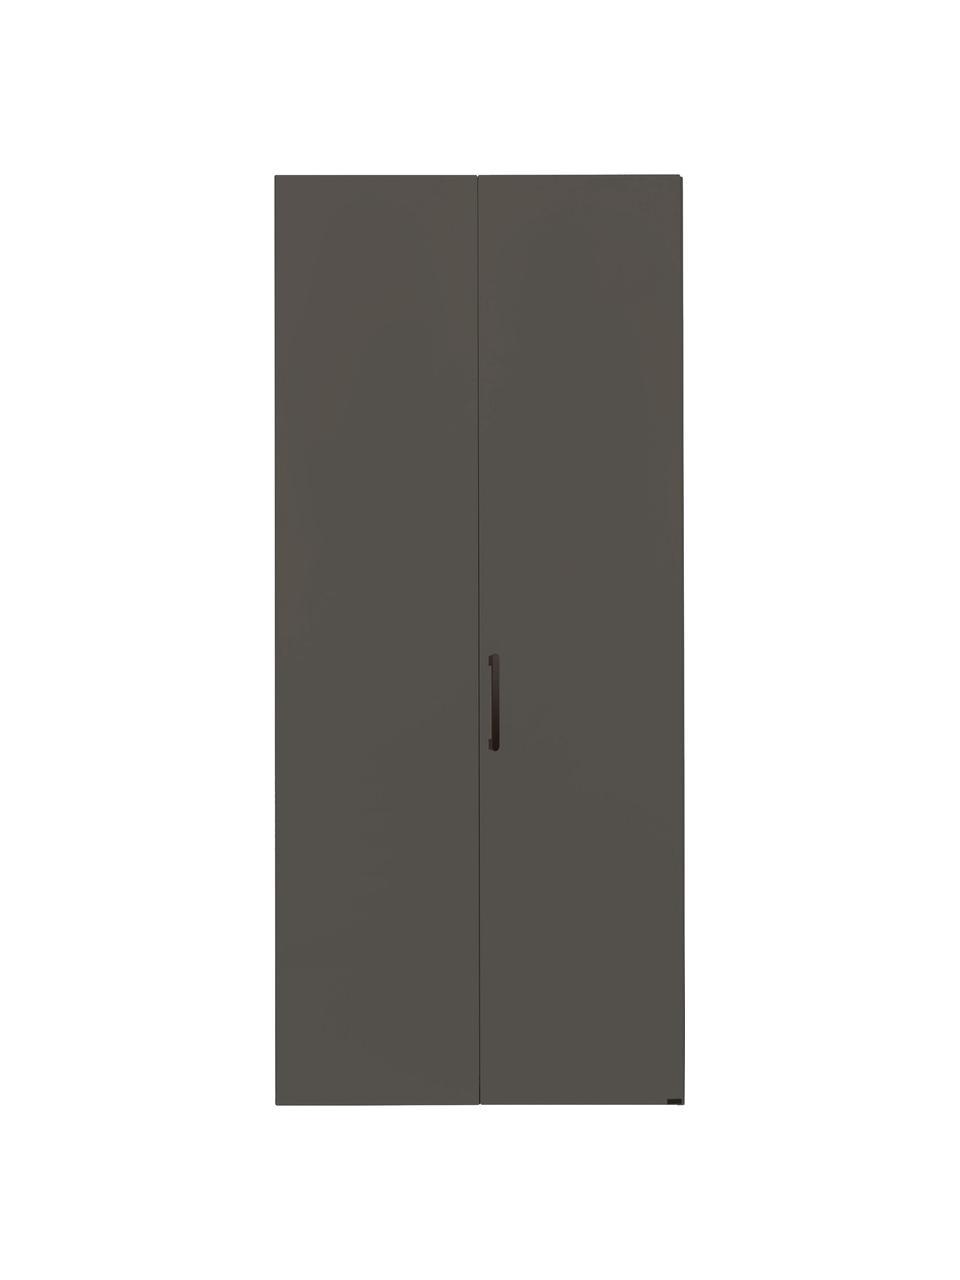 Kleiderschrank Madison 2-türig, inkl. Montageservice, Korpus: Holzwerkstoffplatten, lac, Grau, Ohne Spiegeltür, 102 x 230 cm